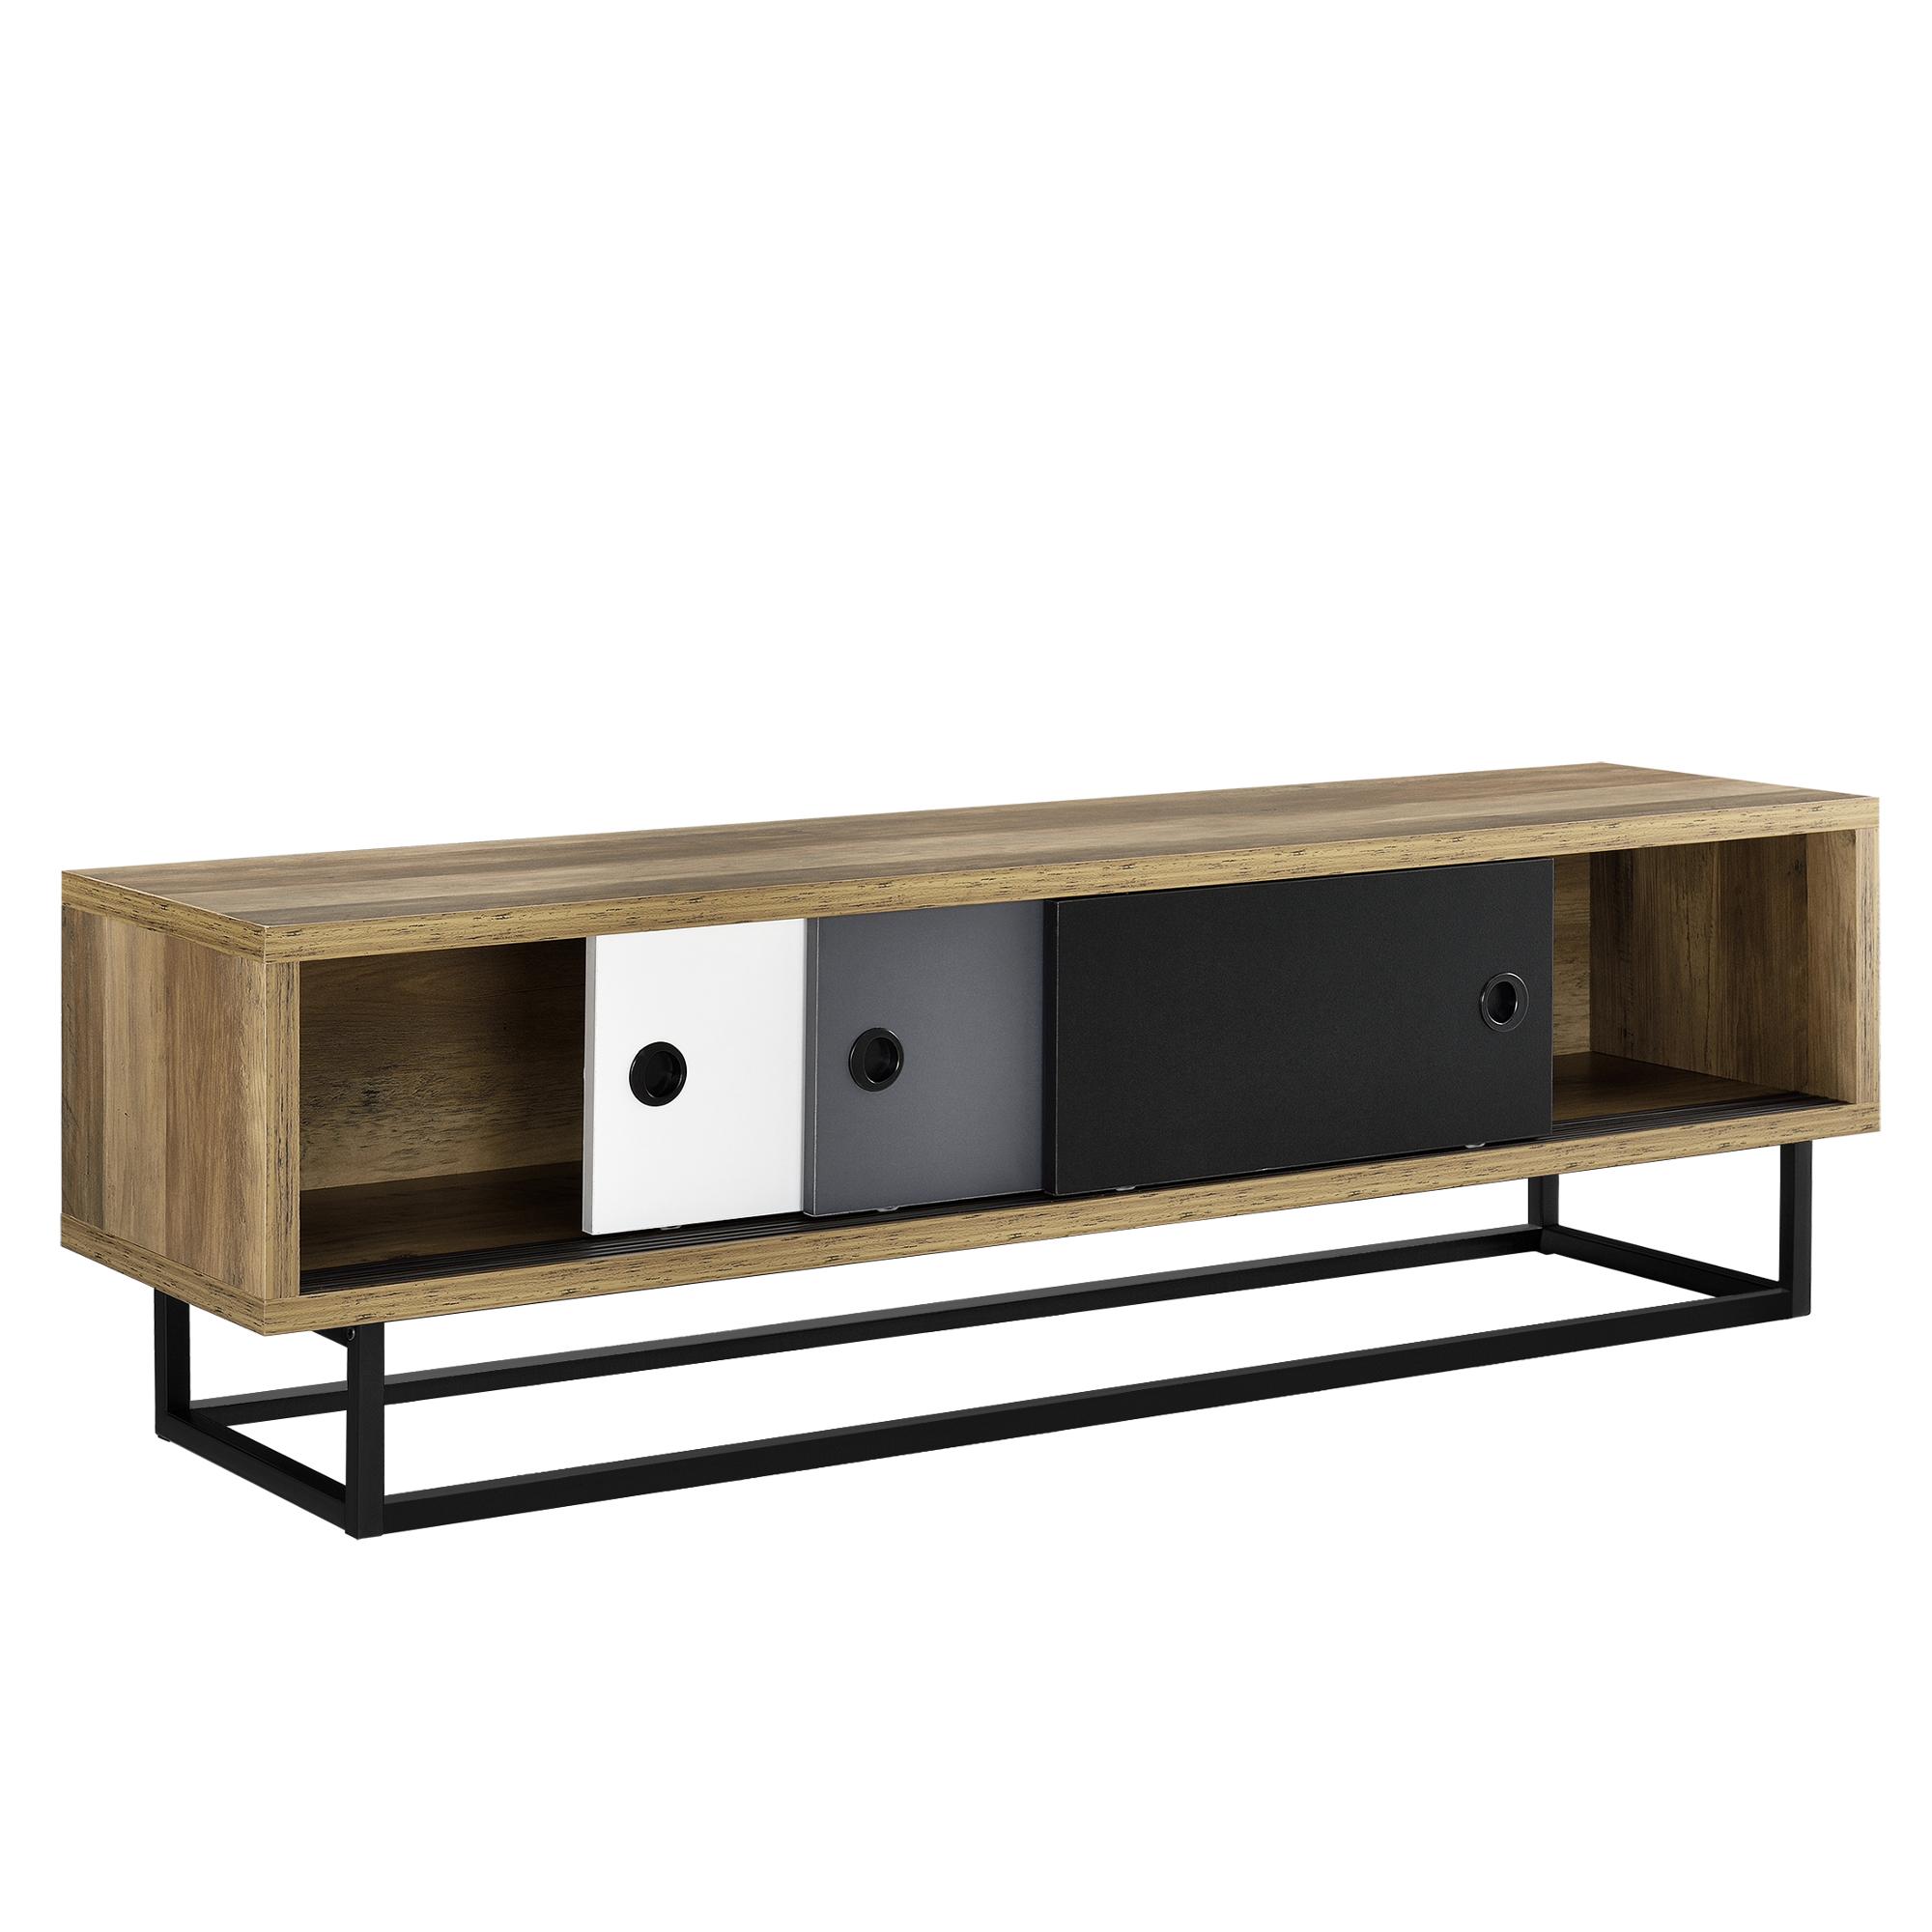 en.casa]® Lowboard mit Schiebetüren Fernsehtisch Kommode TV Schrank ...